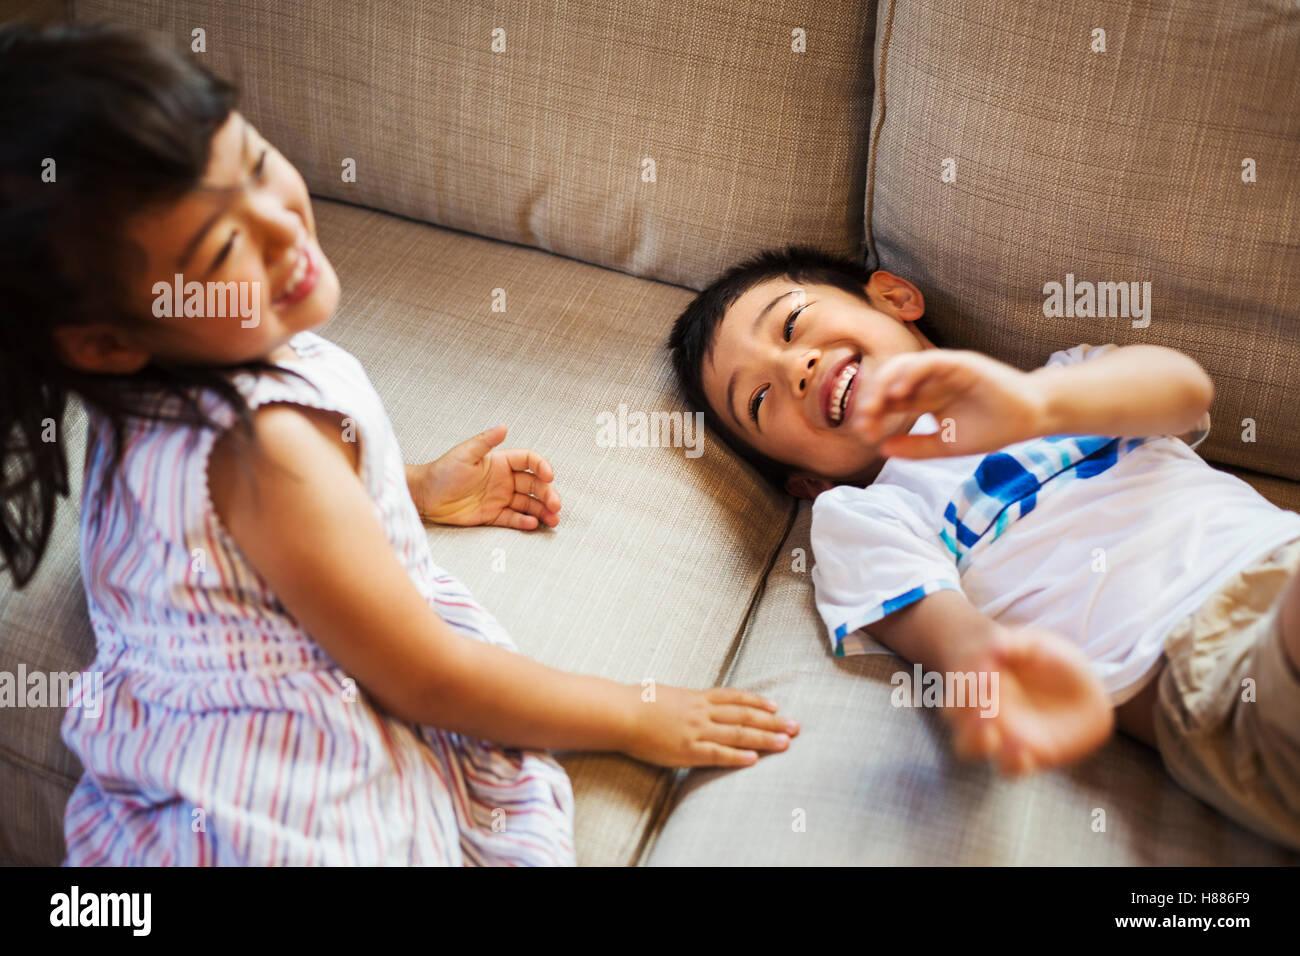 Maison de famille. Deux enfants jouant sur le sol, à rire. Photo Stock